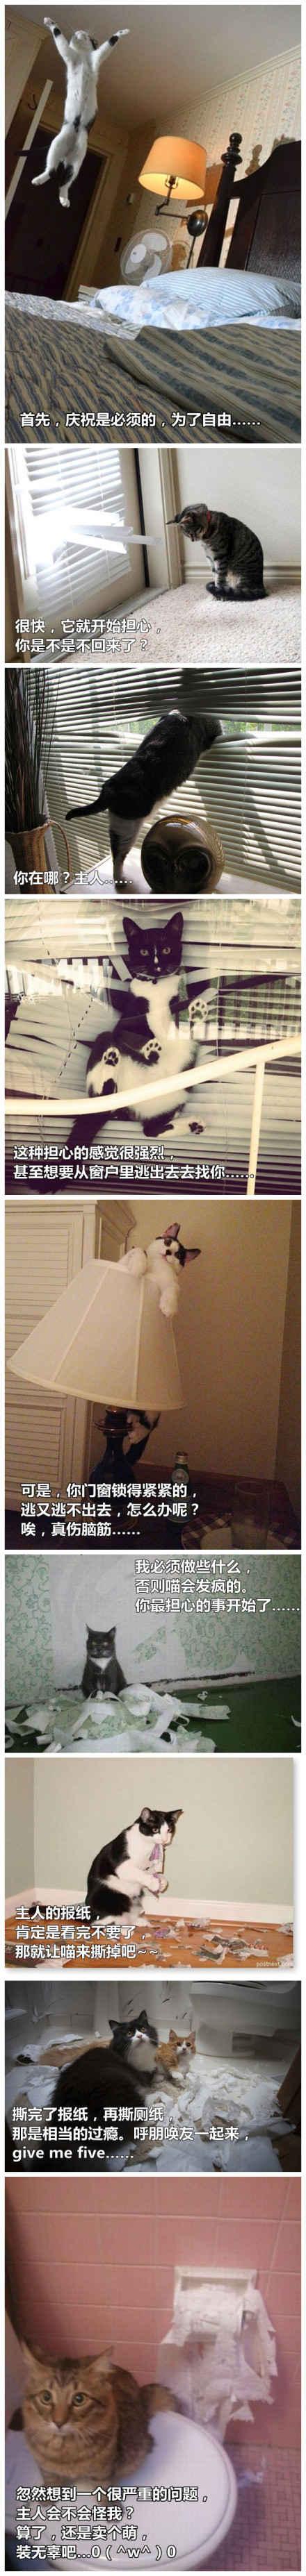 当你离家后,你家的宠物会干什么?